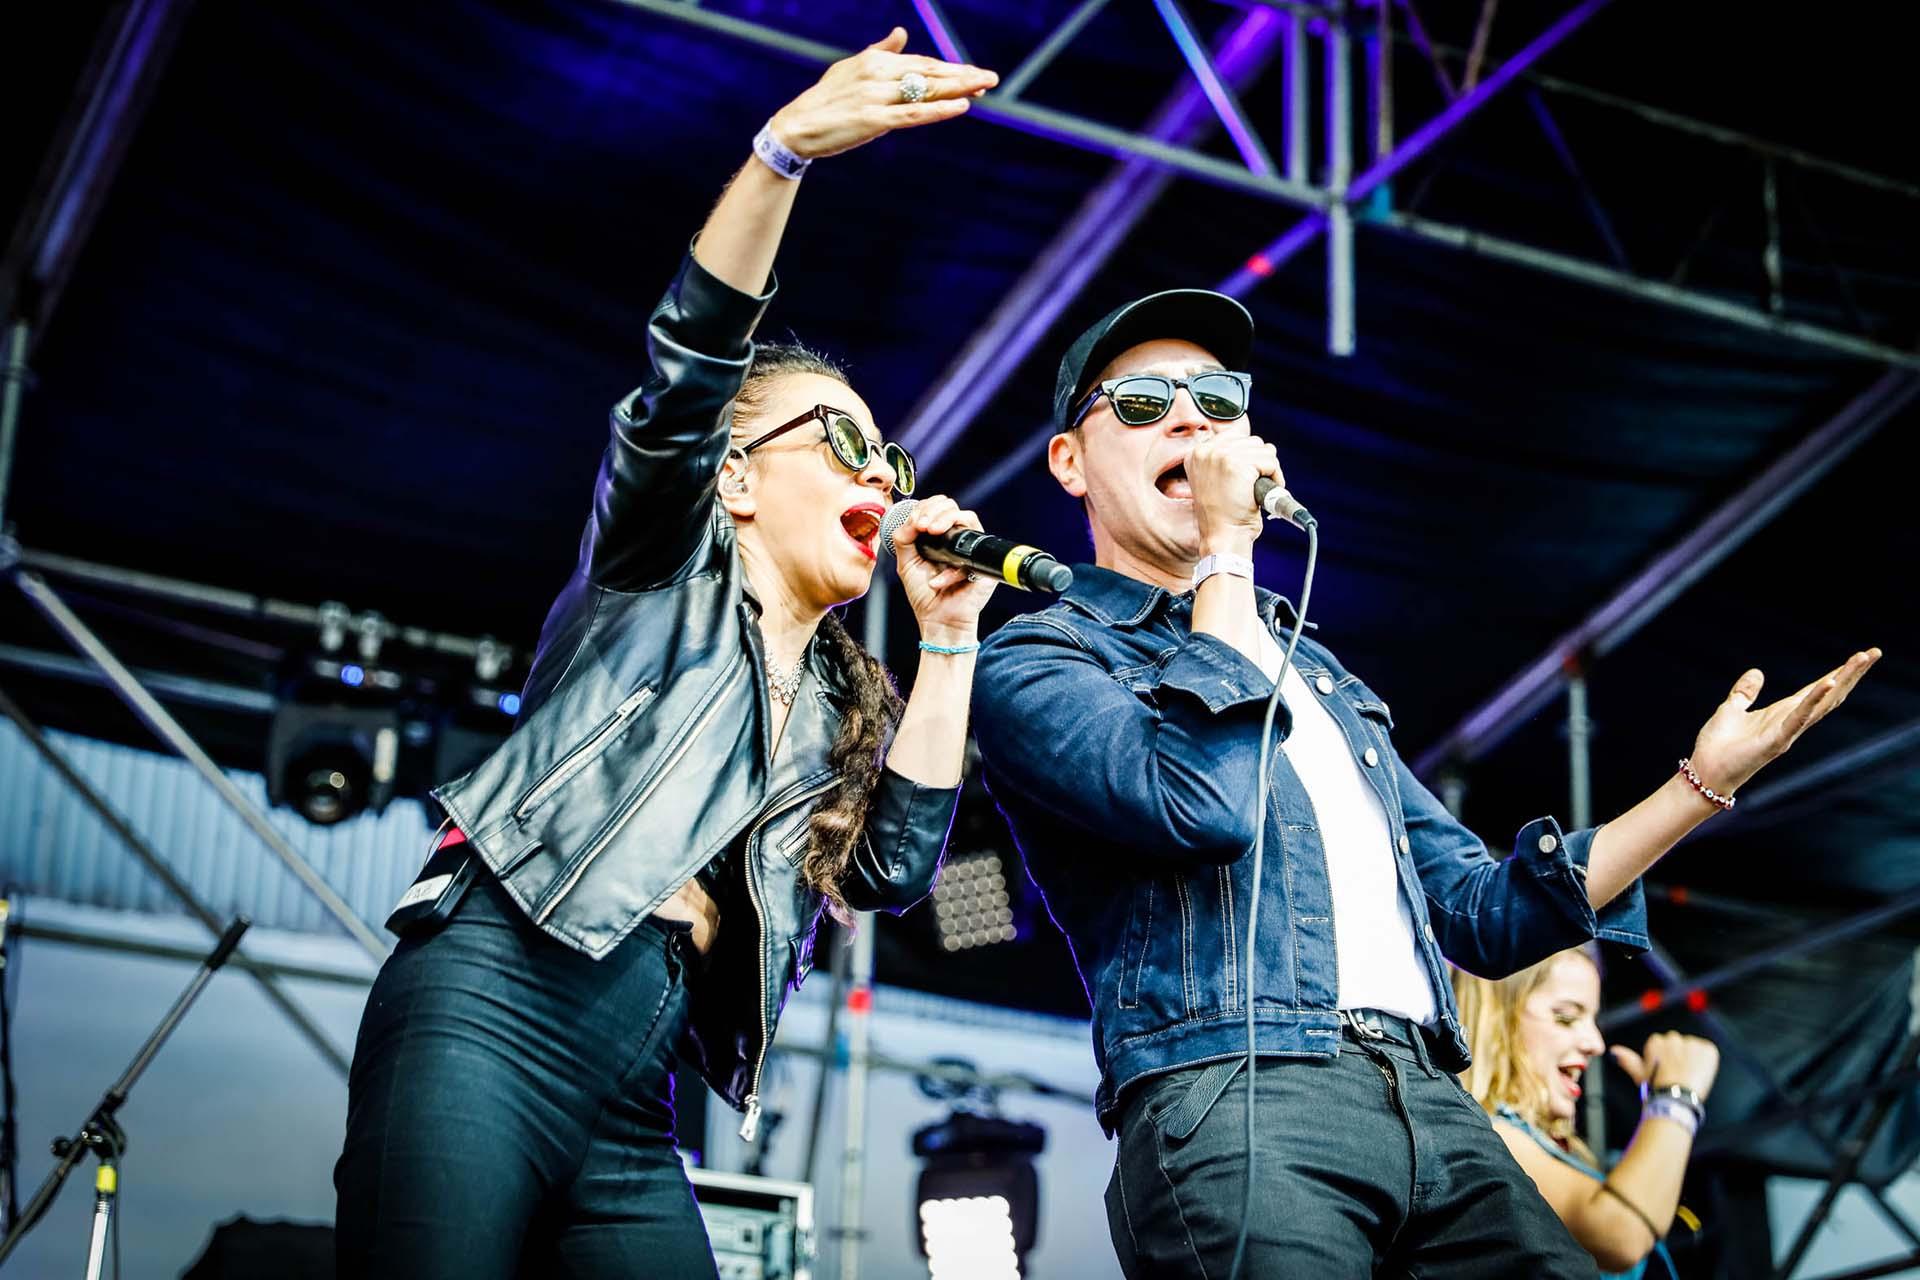 La cantante Miss Bolivia ofreció un show en el festival